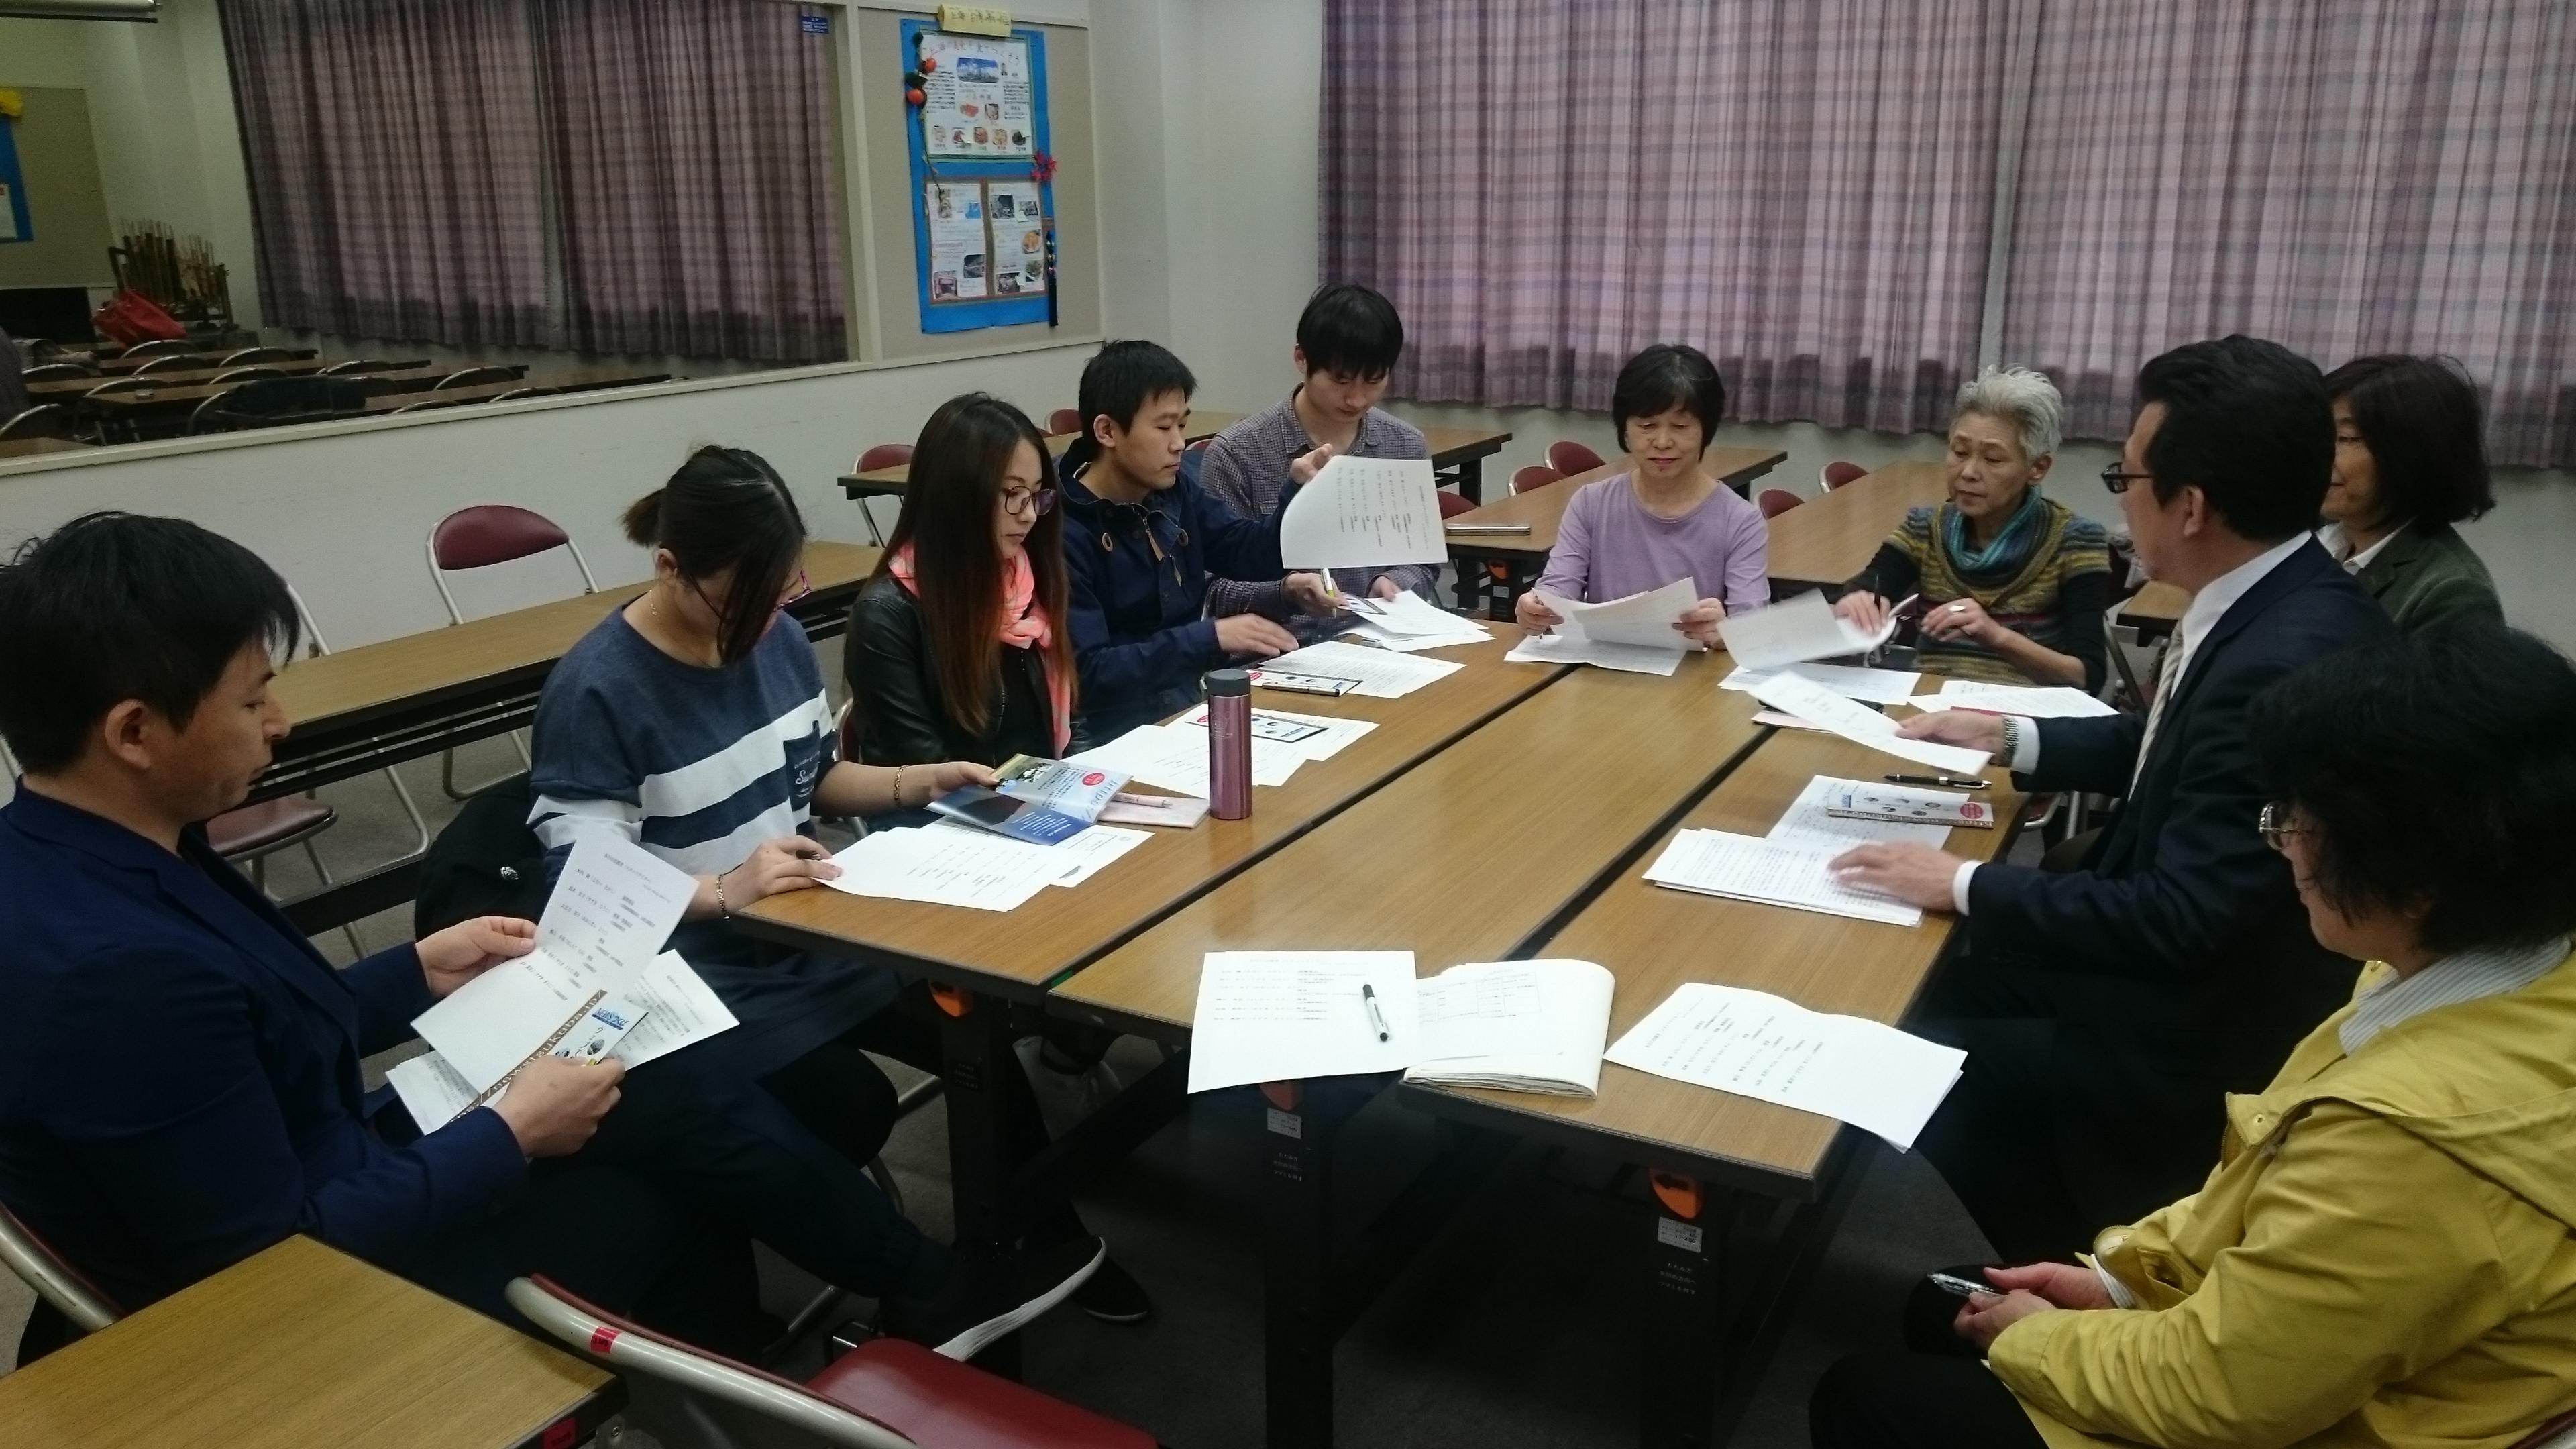 筑波学院大学の留学生、日本語でリレーエッセー挑戦